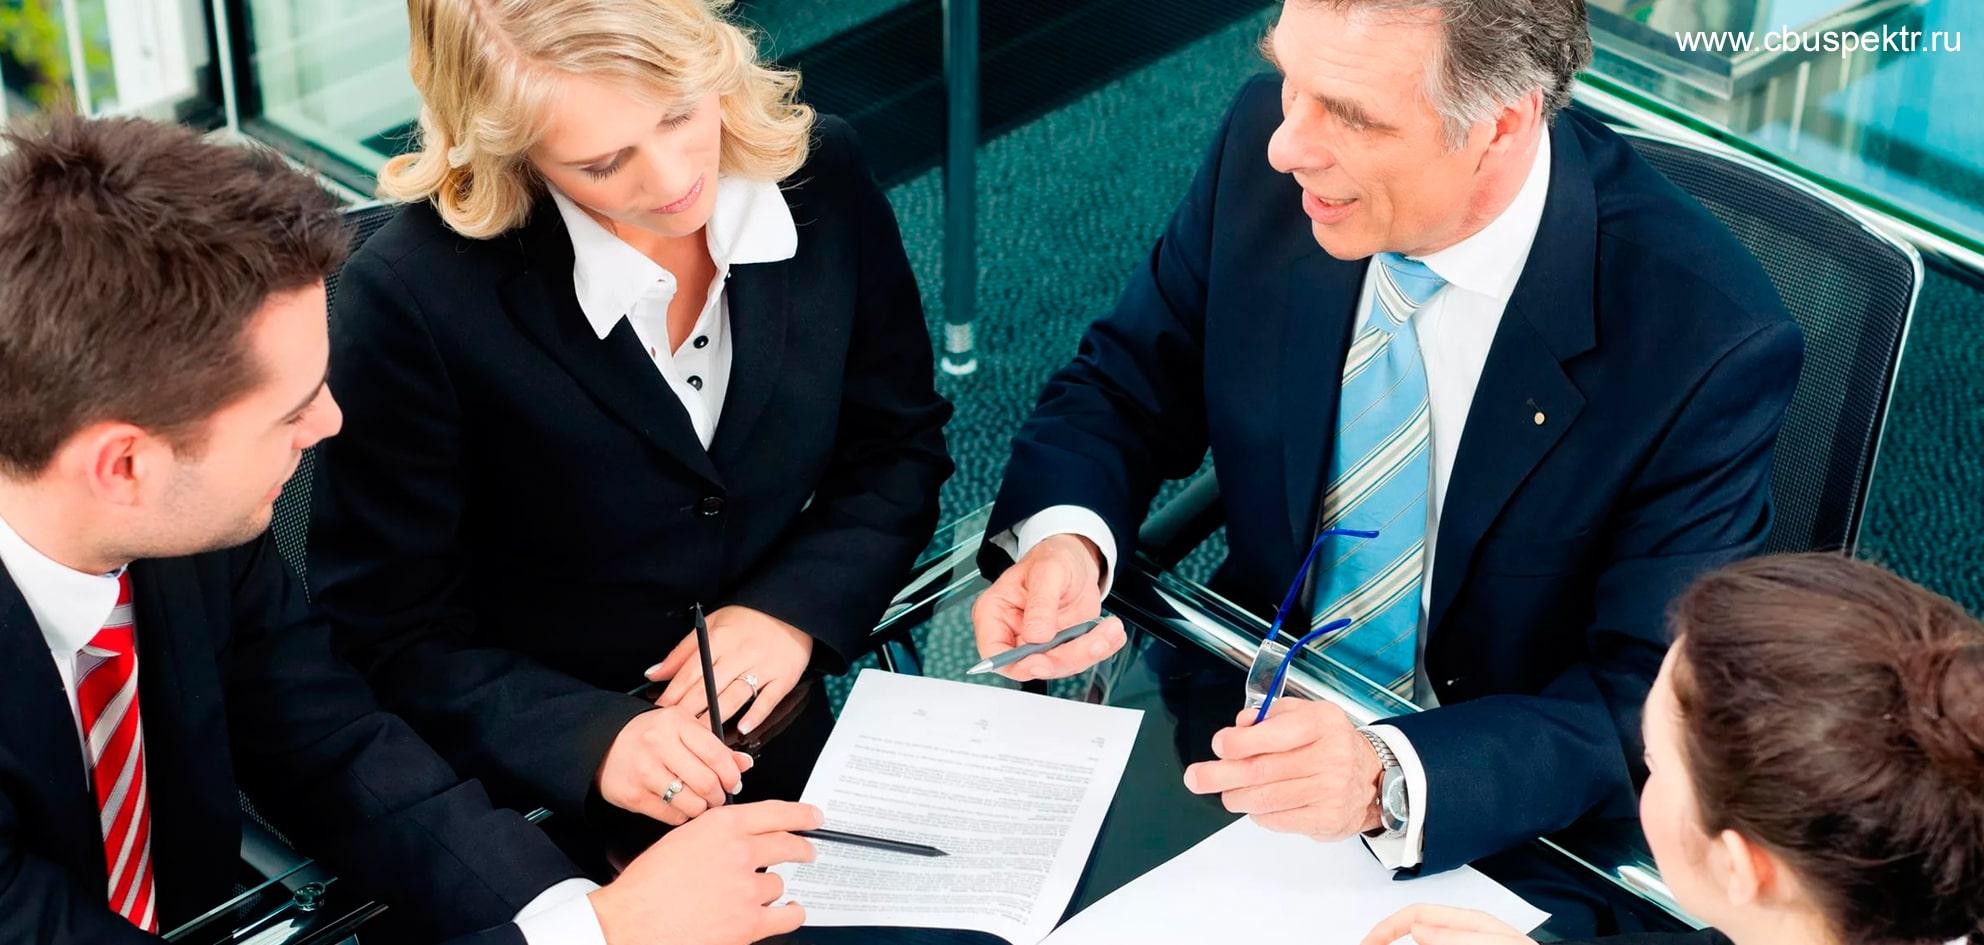 Юристы консультируют бизнесмена договора